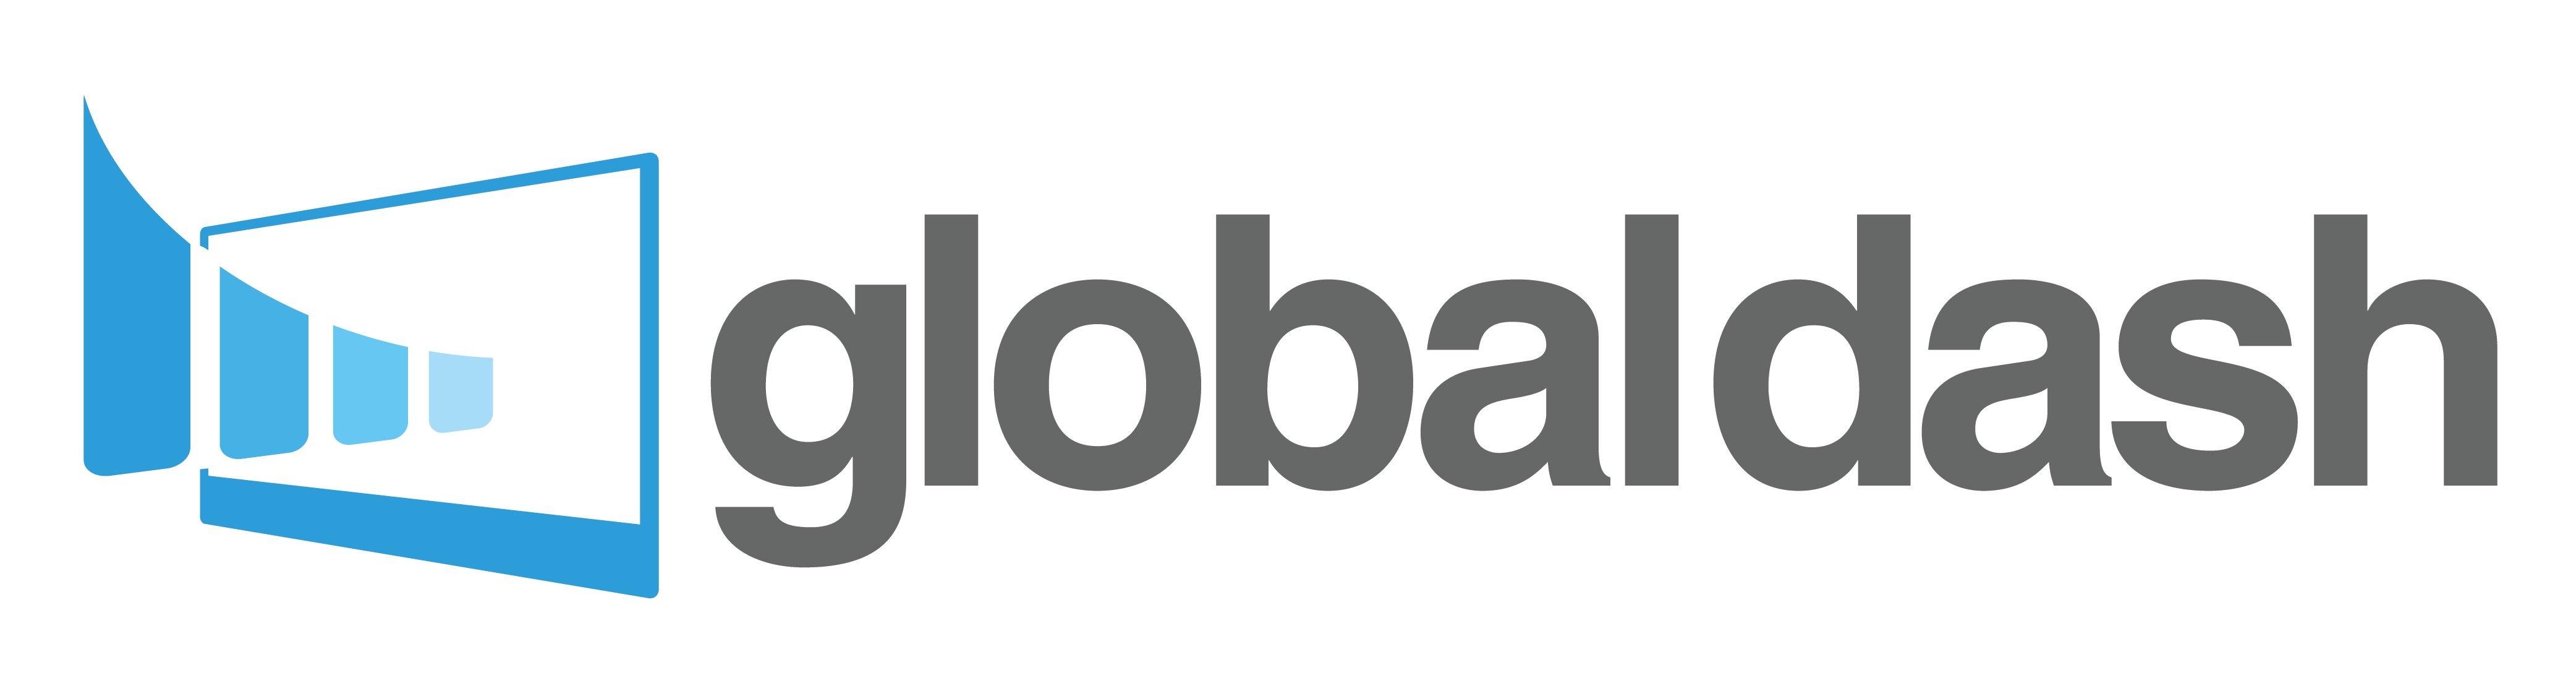 globaldash